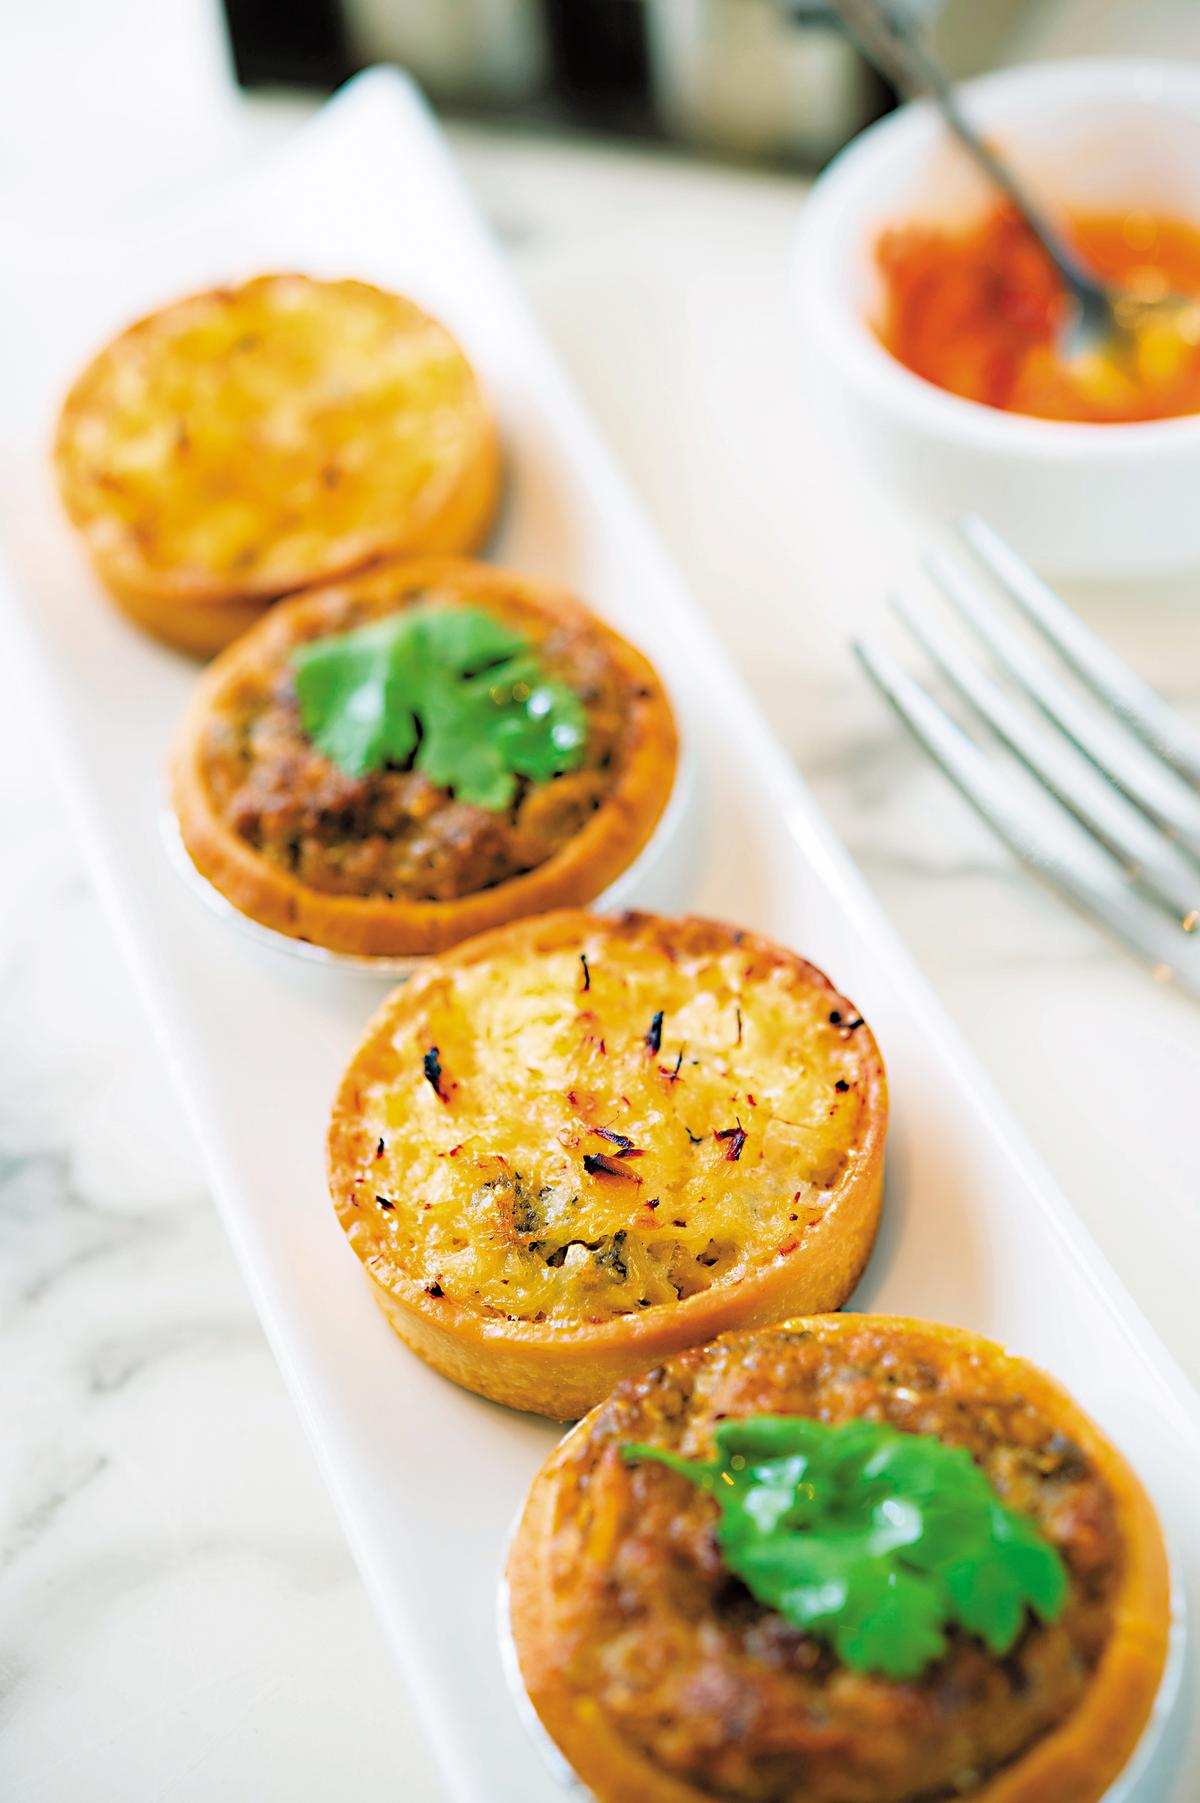 「馬介休撻」和「沙甸魚撻」是自創一格的葡式鹹點。(前,澳門幣20元/個,約NT$75;後,澳門幣18元/個,約NT$68)